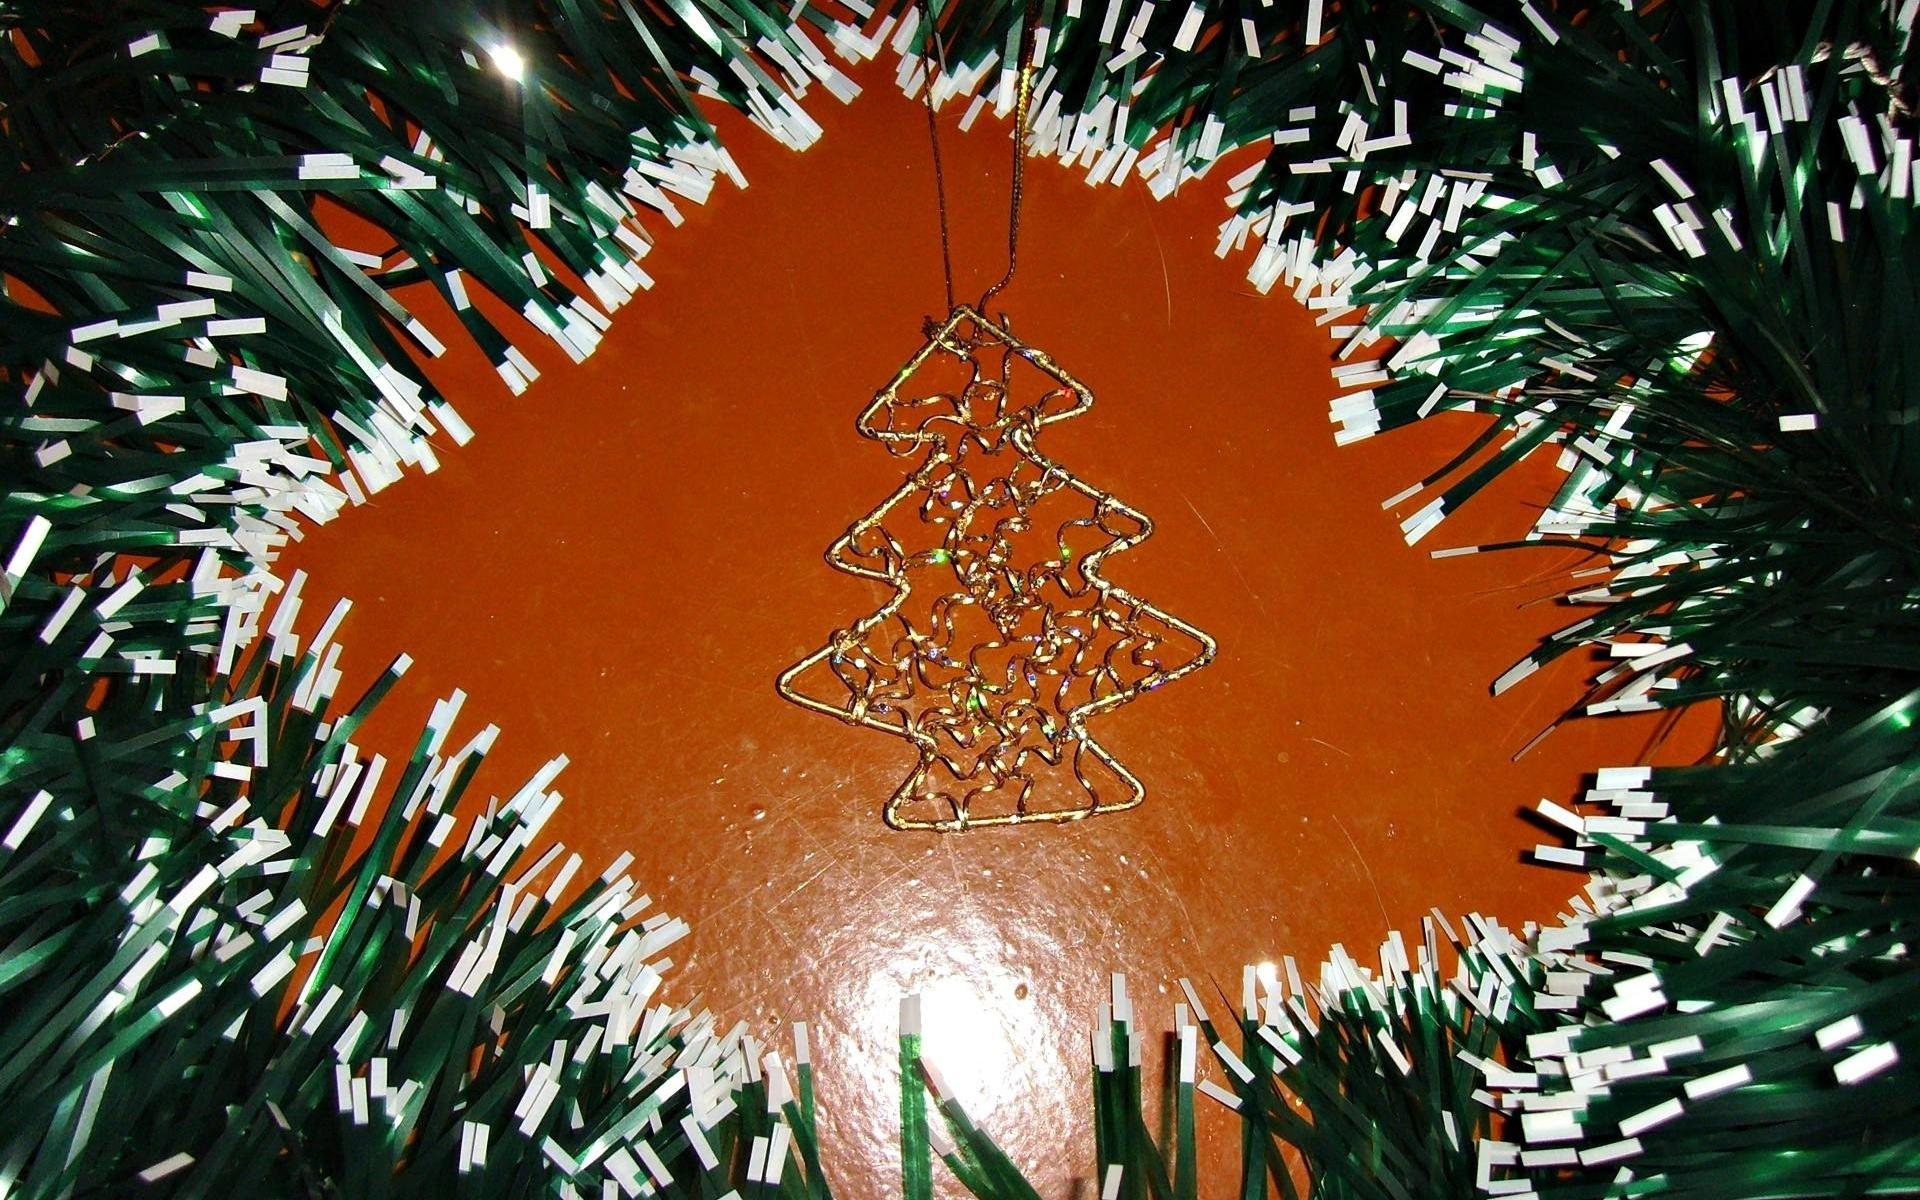 Картинки Дерево, украшения, мишура, крупным планом фото и обои на рабочий стол